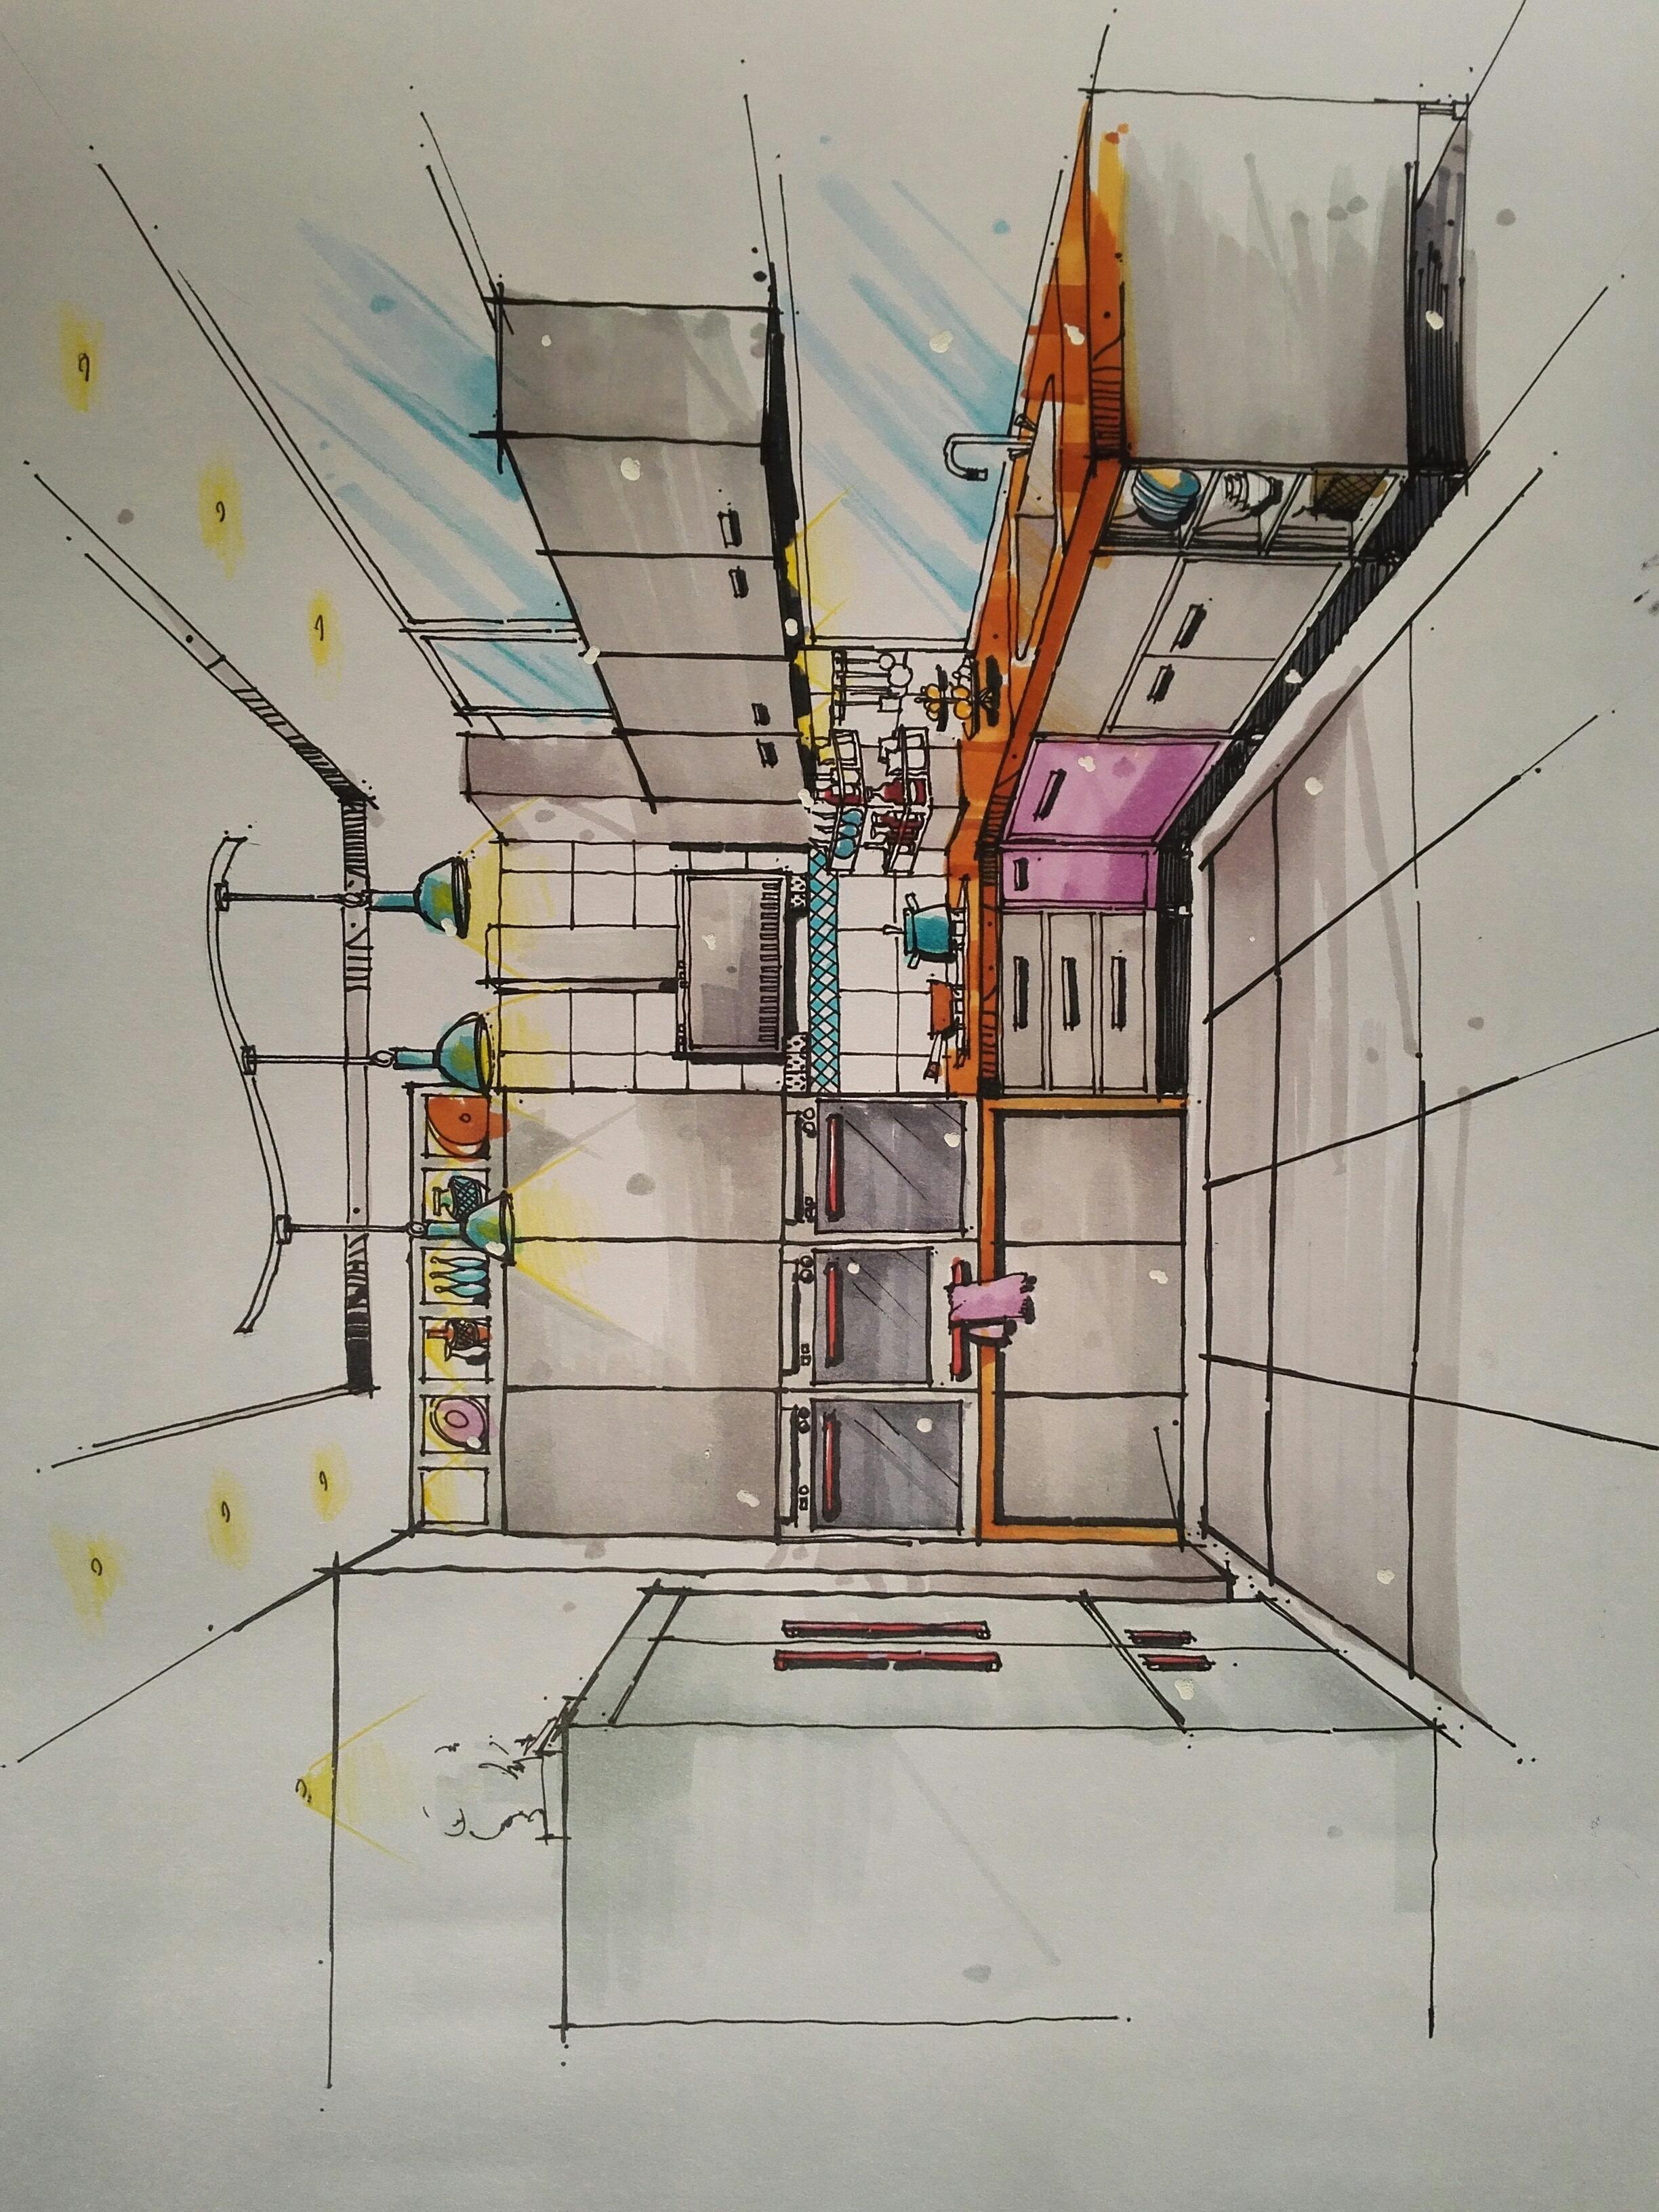 室内手绘效果图|空间|室内设计|那个男人20 - 原创